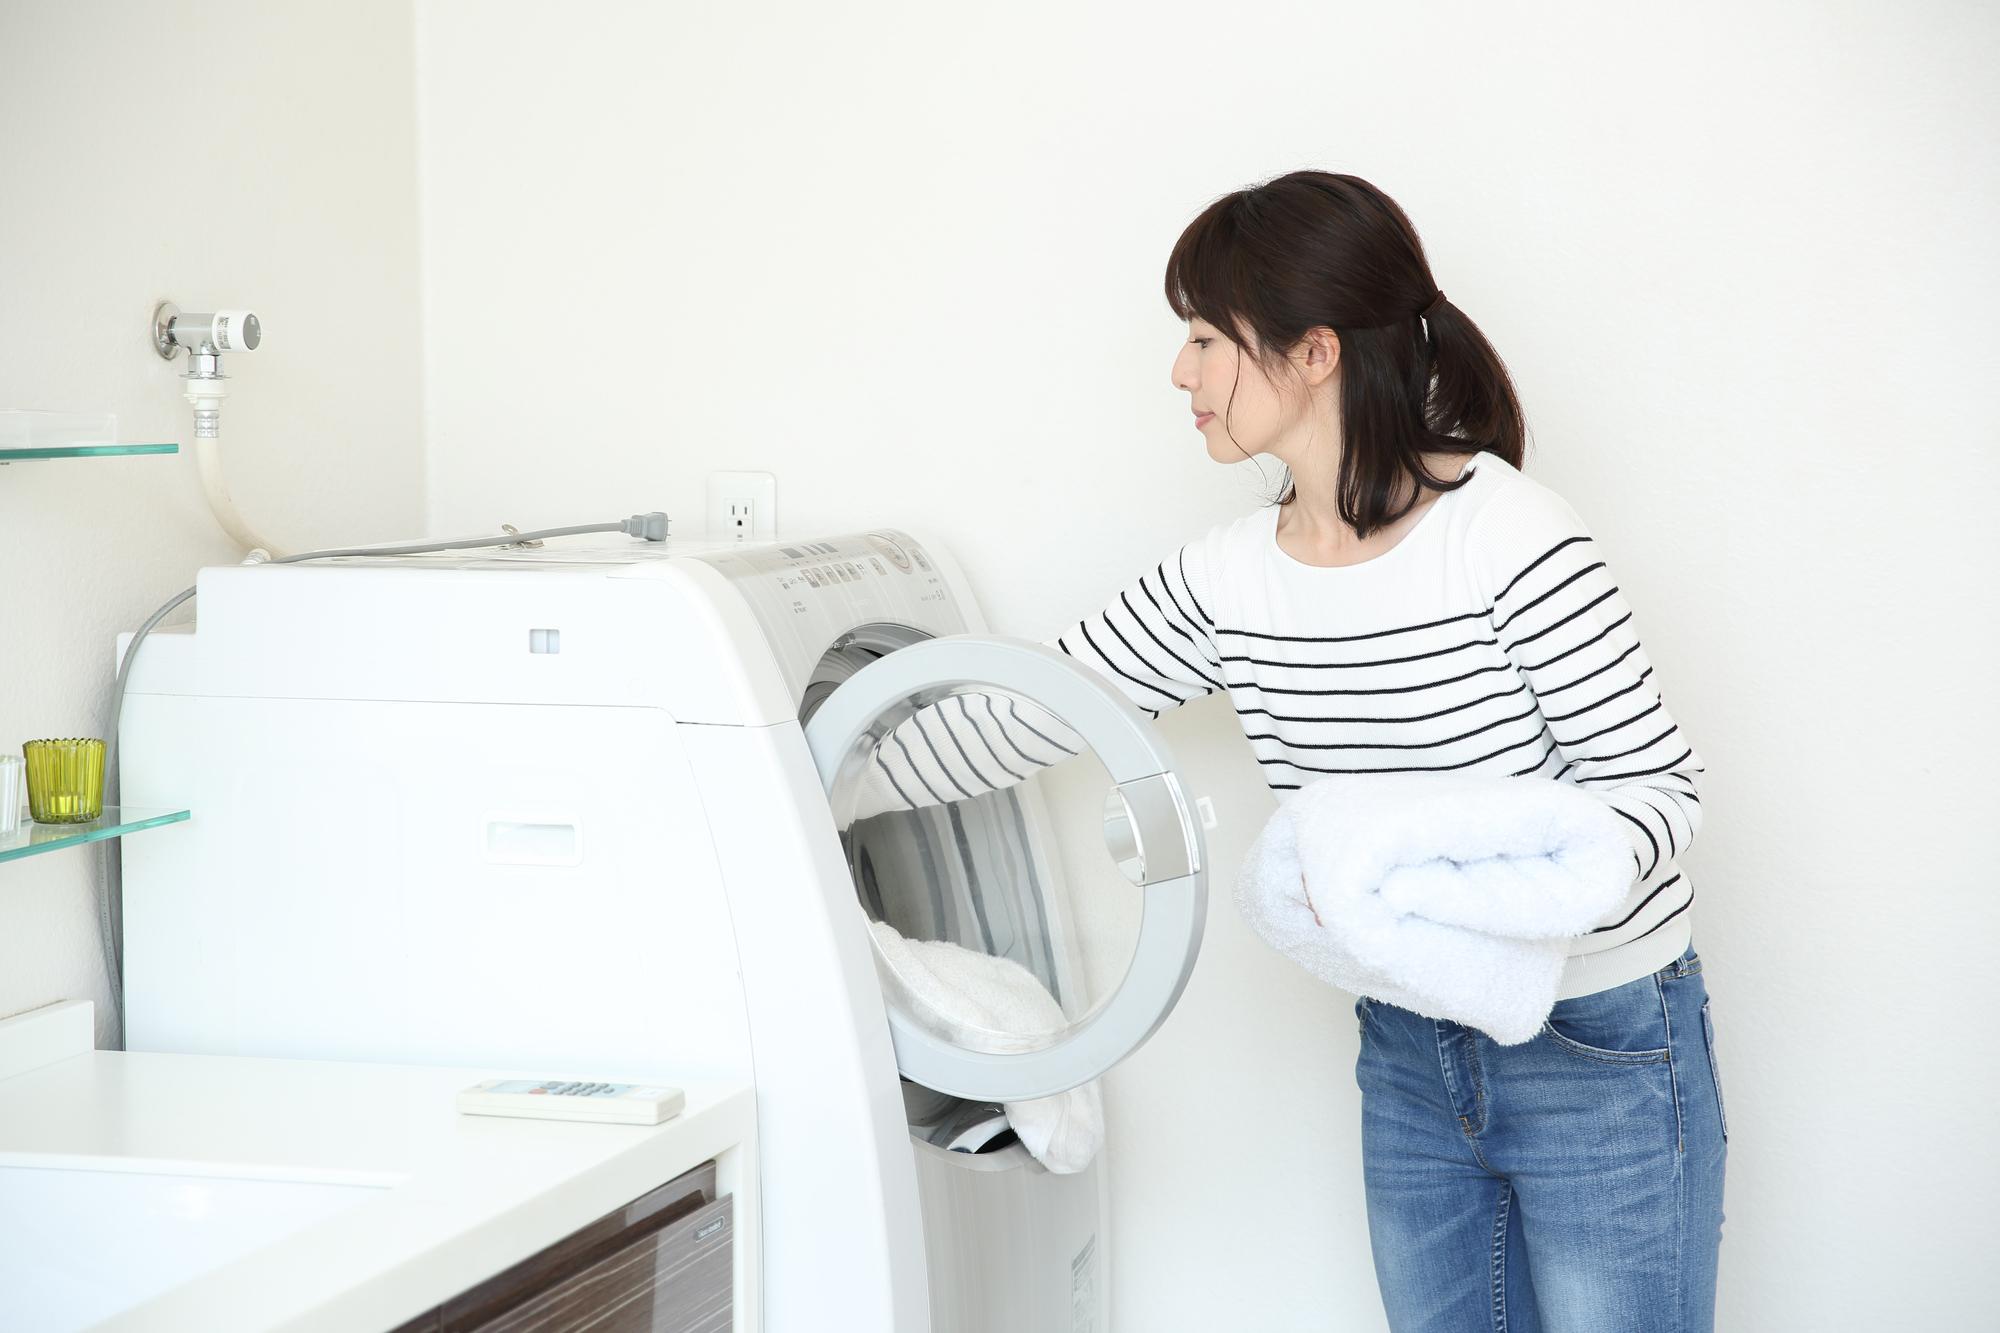 カシミヤストールは洗濯機で洗濯できる?!【正しい洗い方と保存方法】